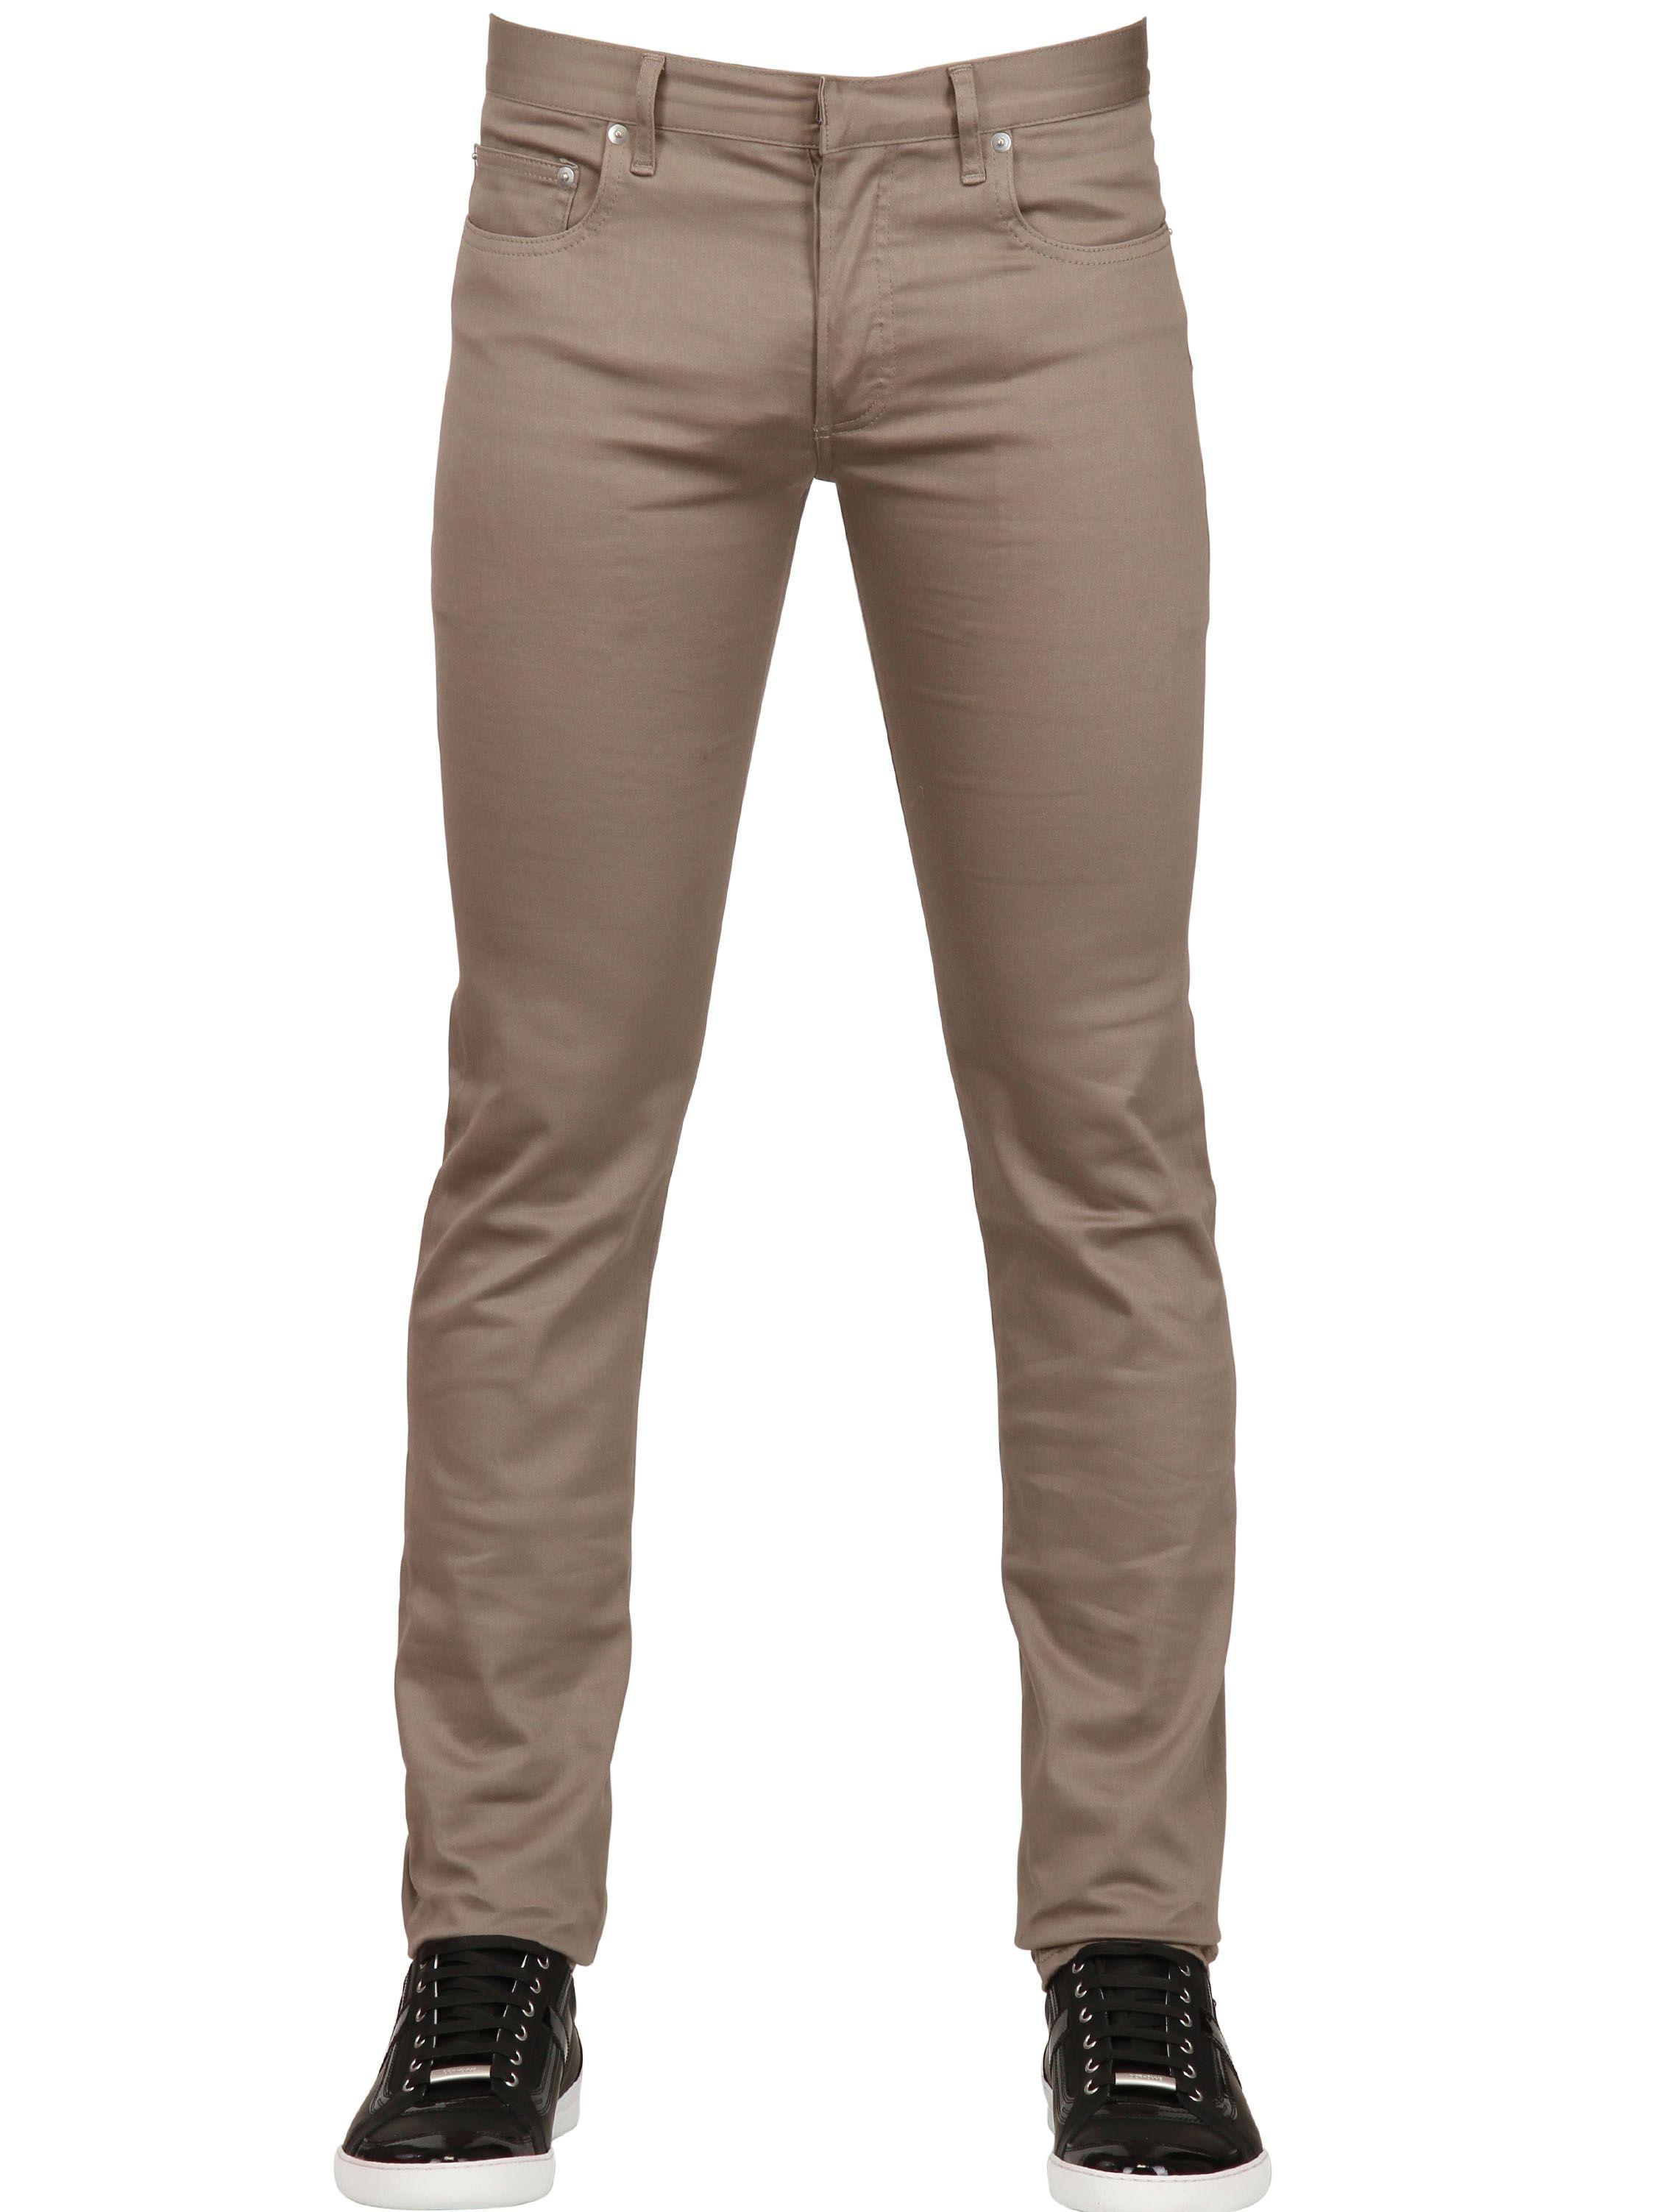 dior homme 17 5cm super slender cotton denim jeans in. Black Bedroom Furniture Sets. Home Design Ideas